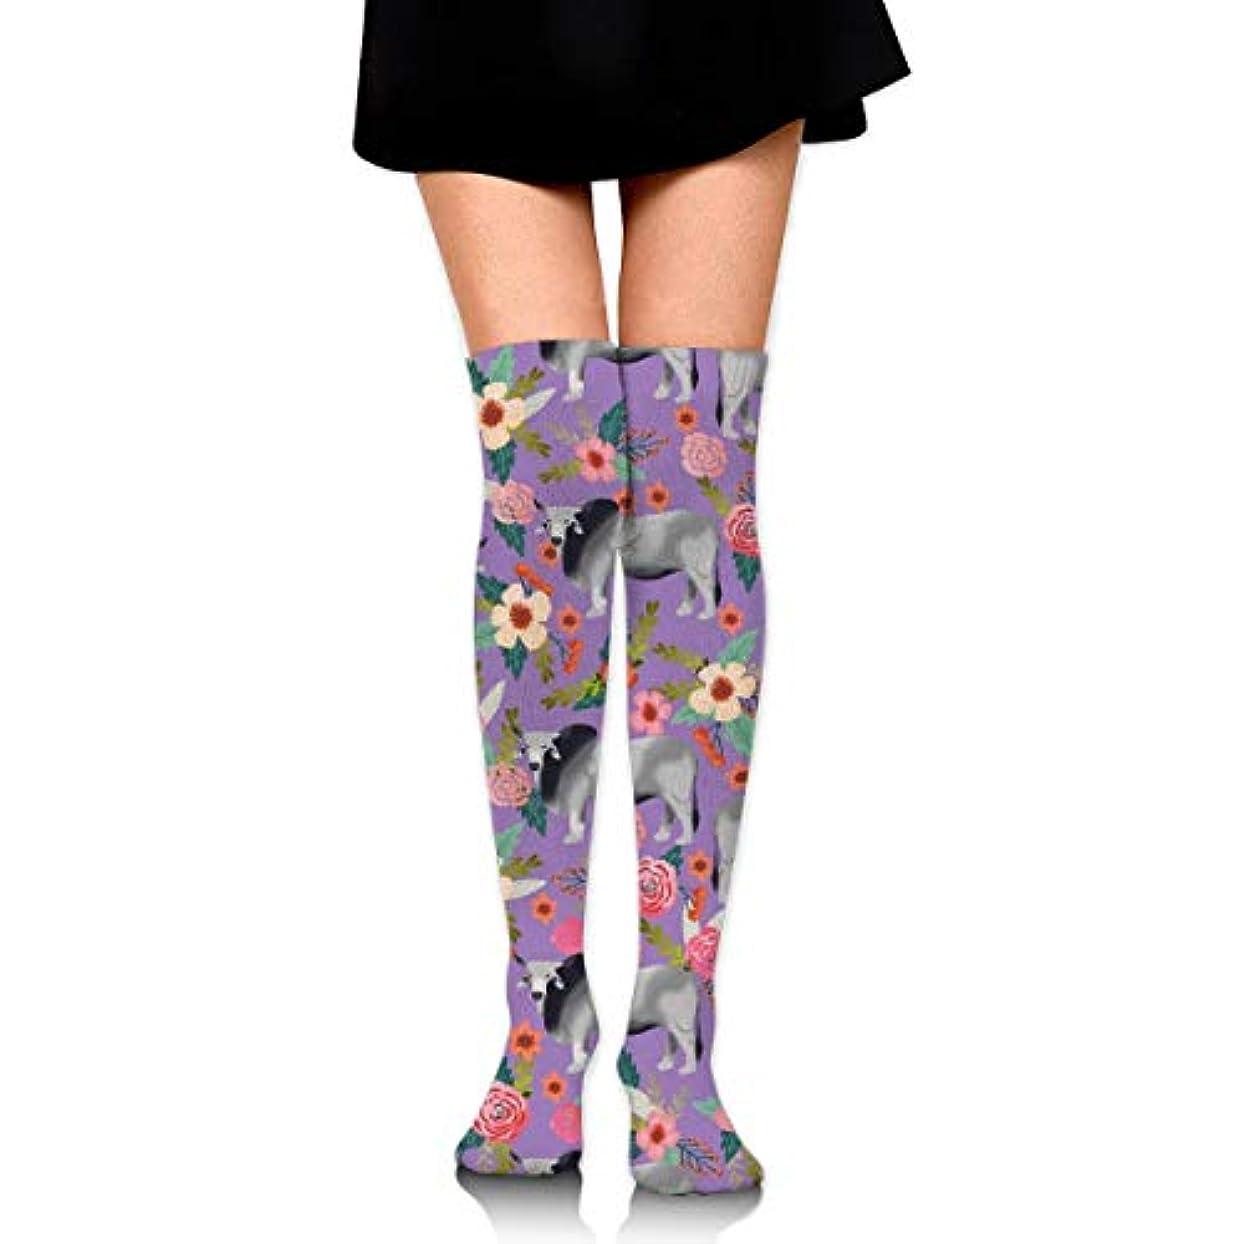 名誉あるアクロバット履歴書MKLOS 通気性 圧縮ソックス Breathable Extra Long Cotton Mid Thigh High Rahman Cow Floral Exotic Psychedelic Print Compression...